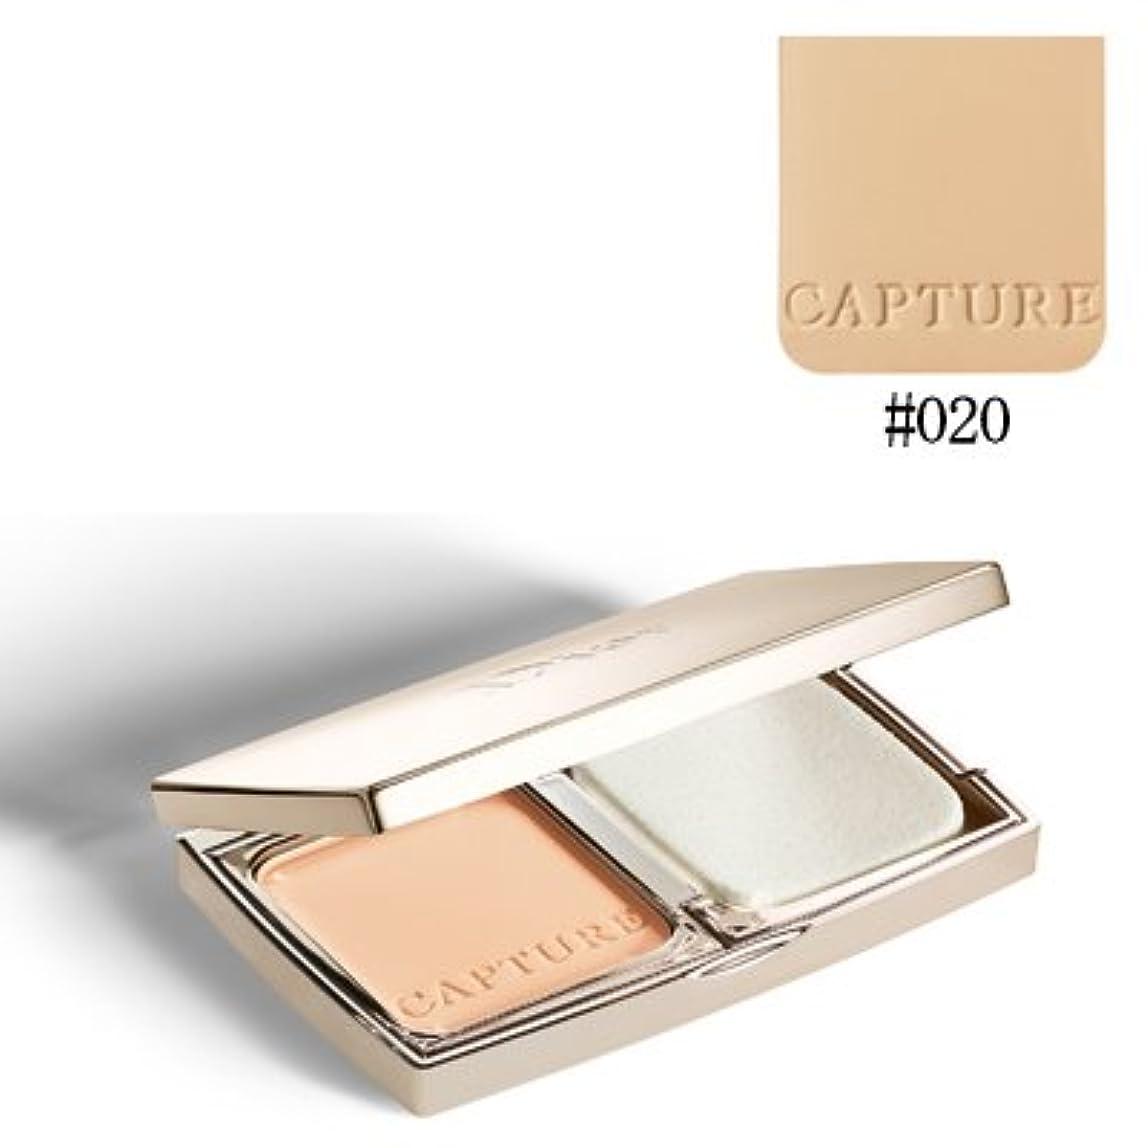 確保する一般的に柔和Christian Dior クリスチャン ディオール カプチュール トータル トリプル コレクティング パウダー コンパクト #020 LIGHT BEIGE SPF 20 / PA+++ 11g [並行輸入品]